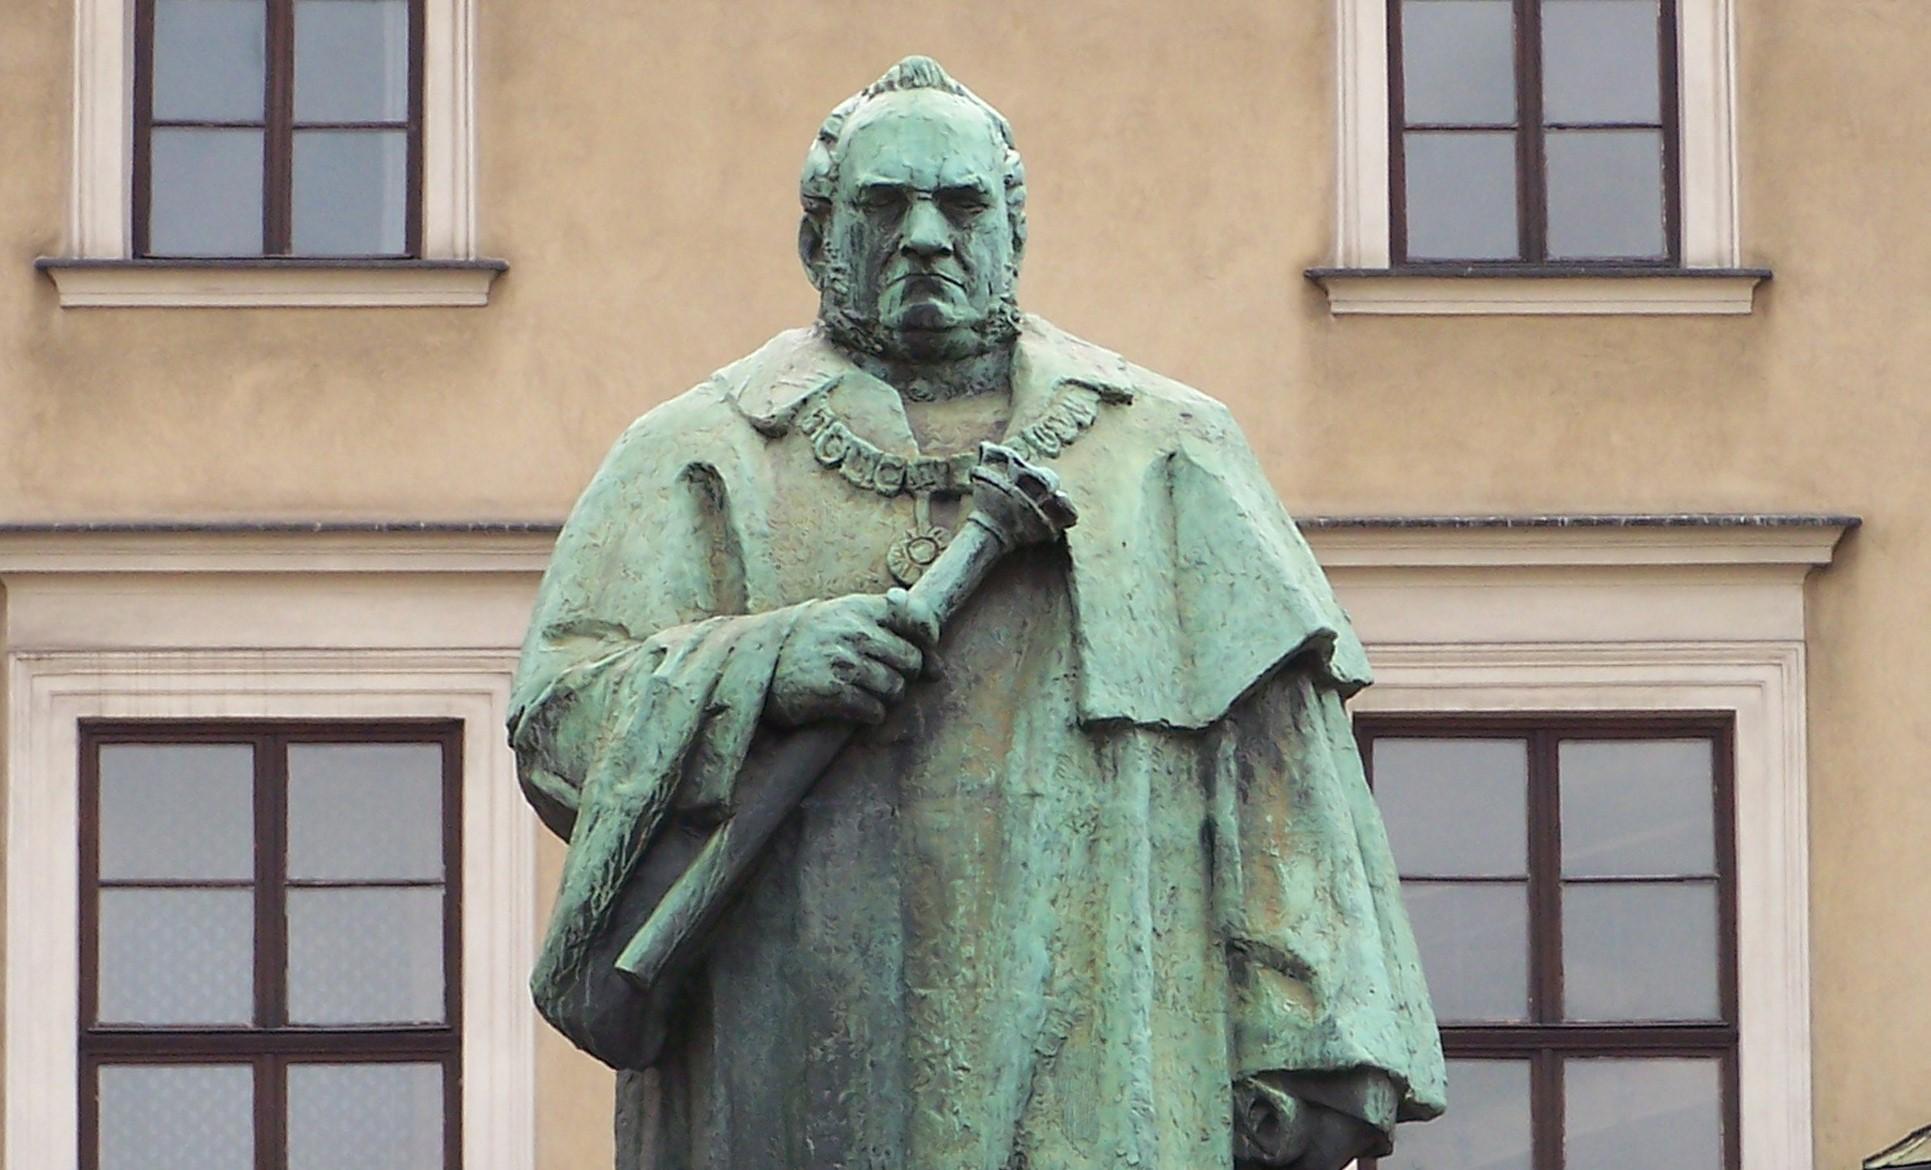 A statue of Józef Dietl, president of Krakow from 1866 to 1874, near Krakow City Hall on Plac Wszystkich Świętych